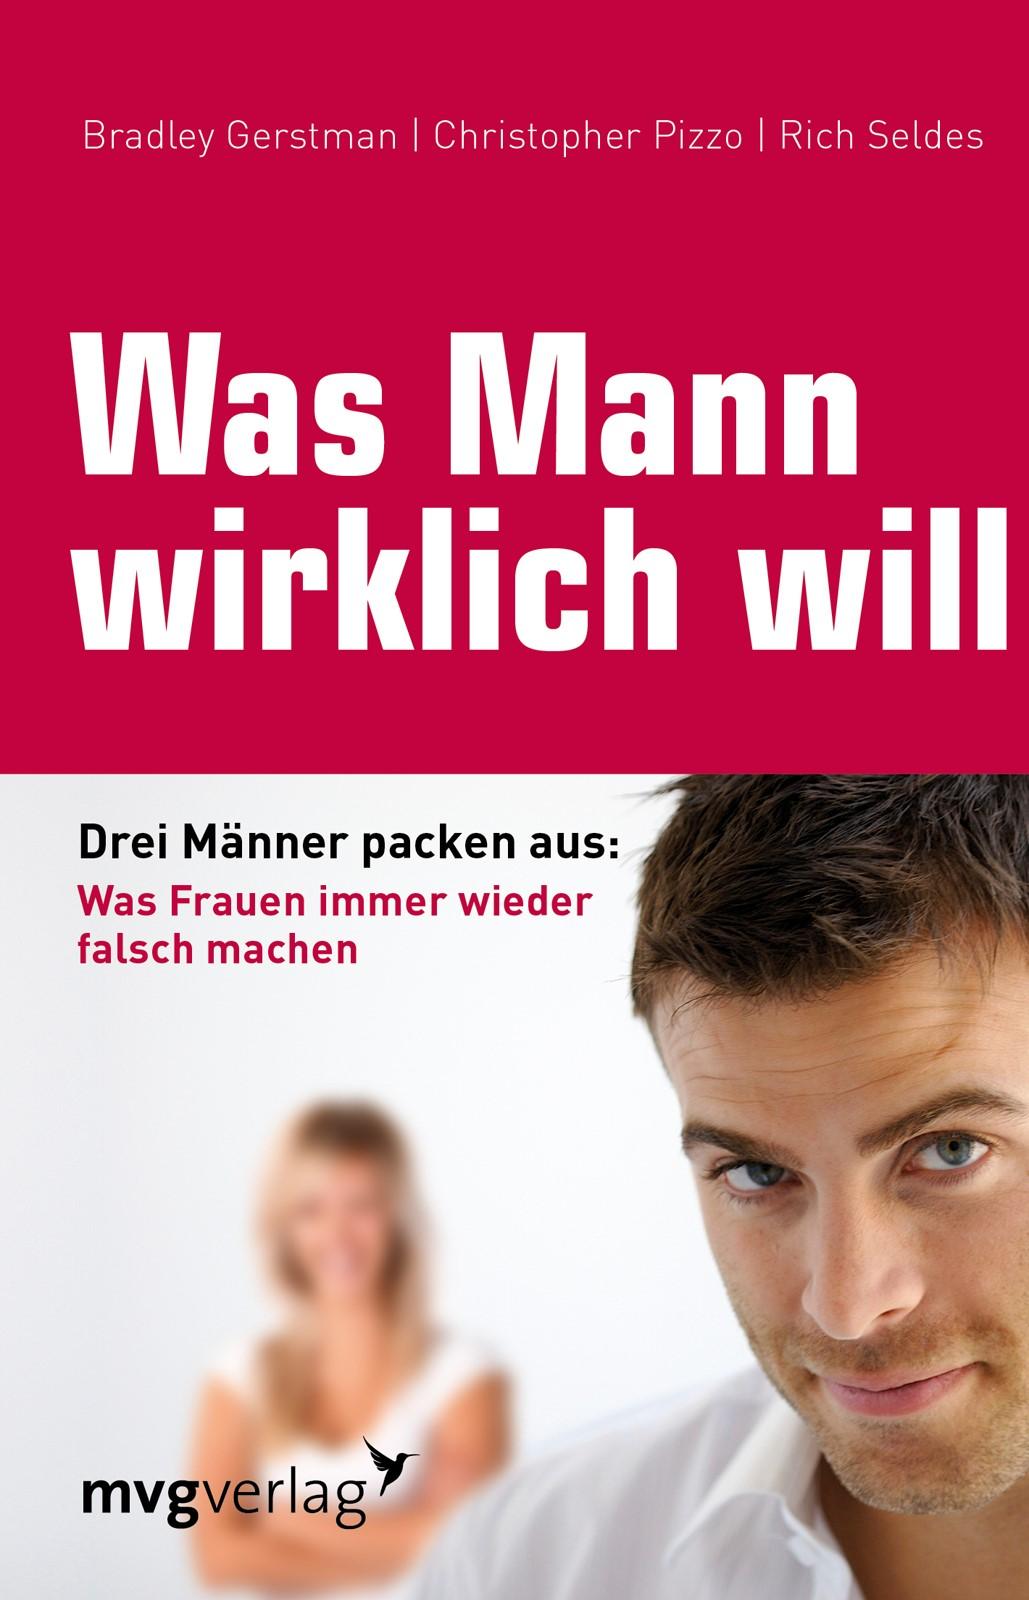 Abbildung von Gerstman / Pizzo / Seldes | Was Mann wirklich will | 3. Auflage | 2005